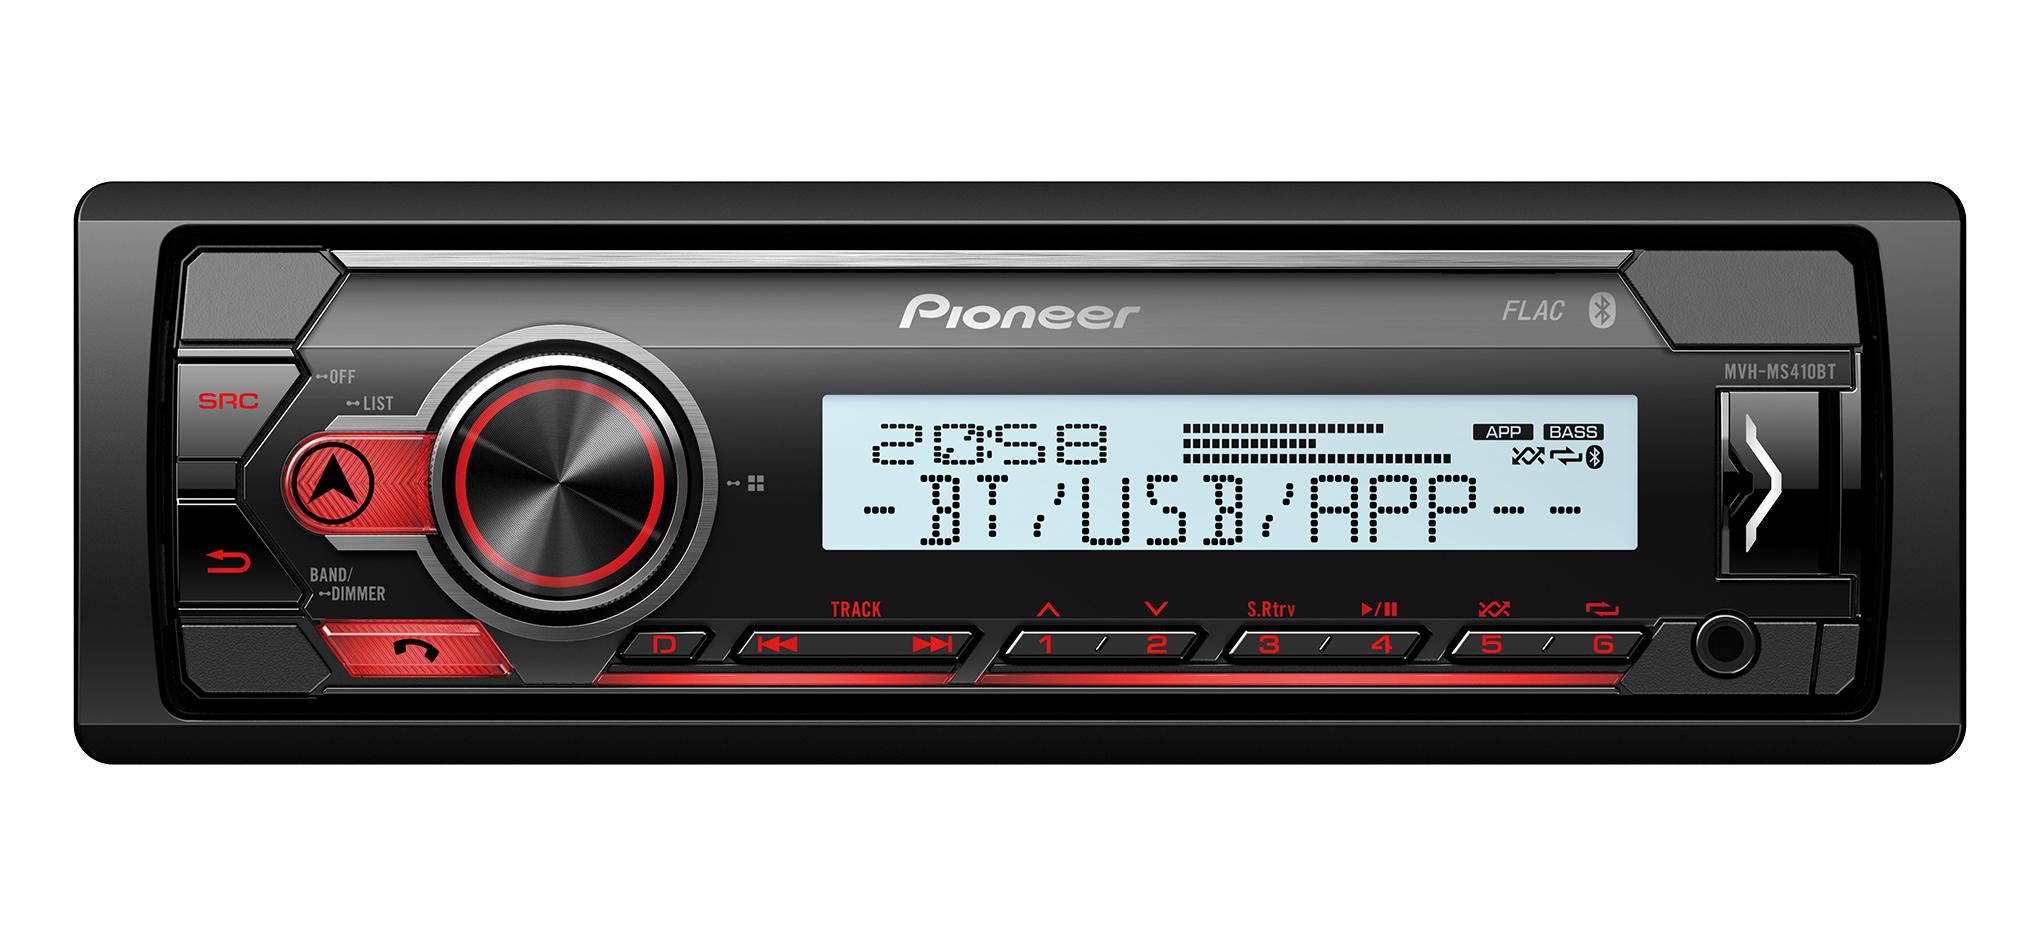 Pioneer MVH-MS410BT